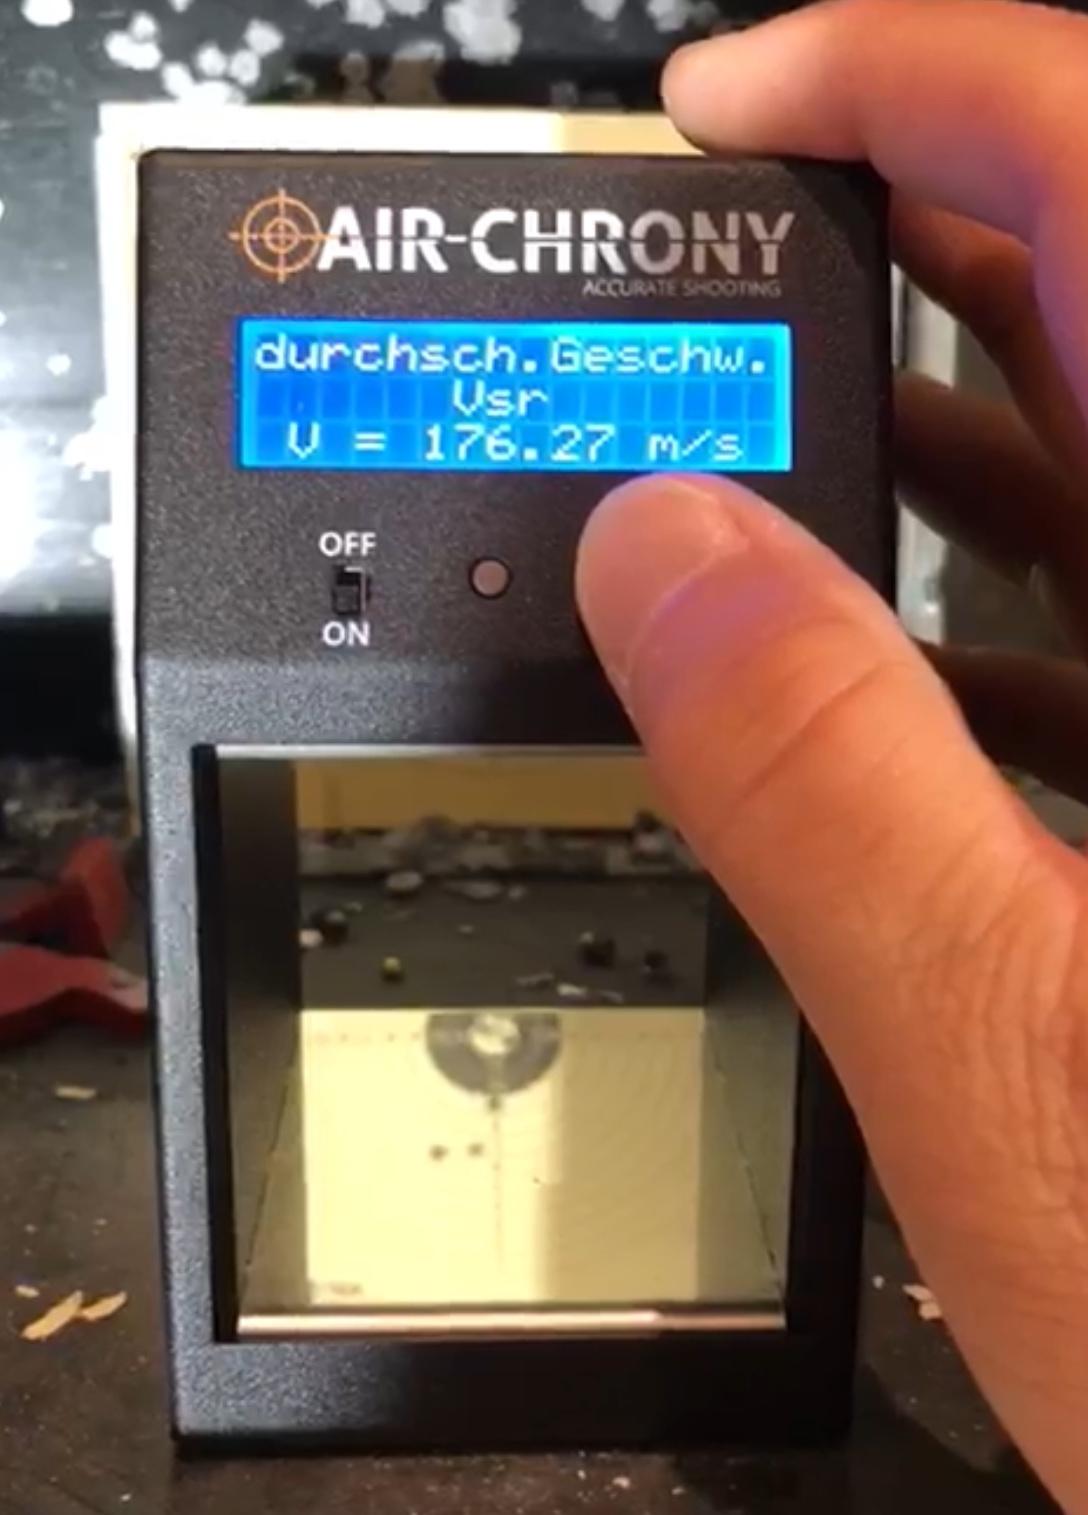 Das Air Chrony MK3 wurde in erster Linie für airguns konziepiert.